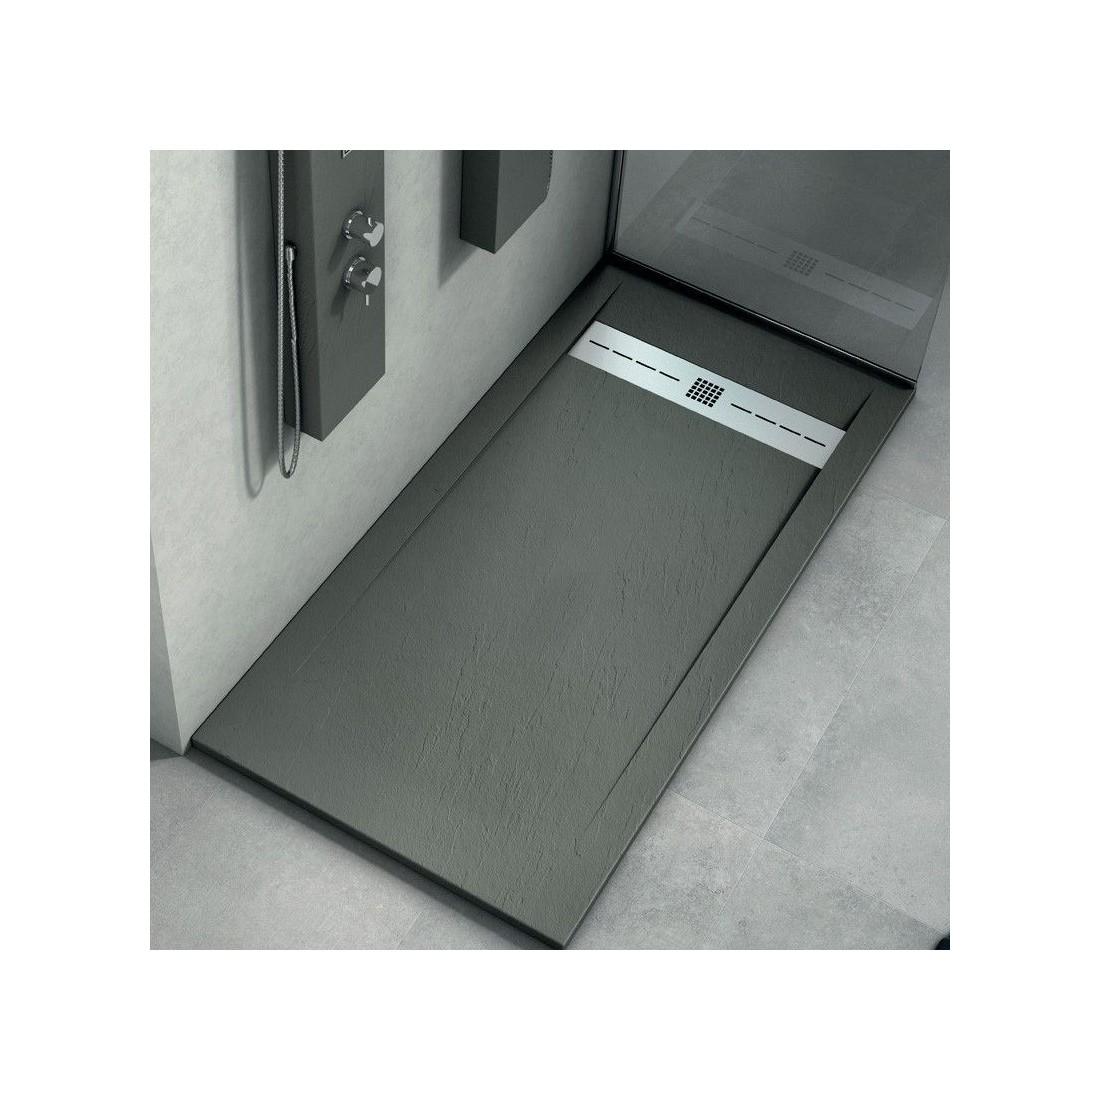 comprar plato de ducha de resina con textura piedra antideslizante. Black Bedroom Furniture Sets. Home Design Ideas